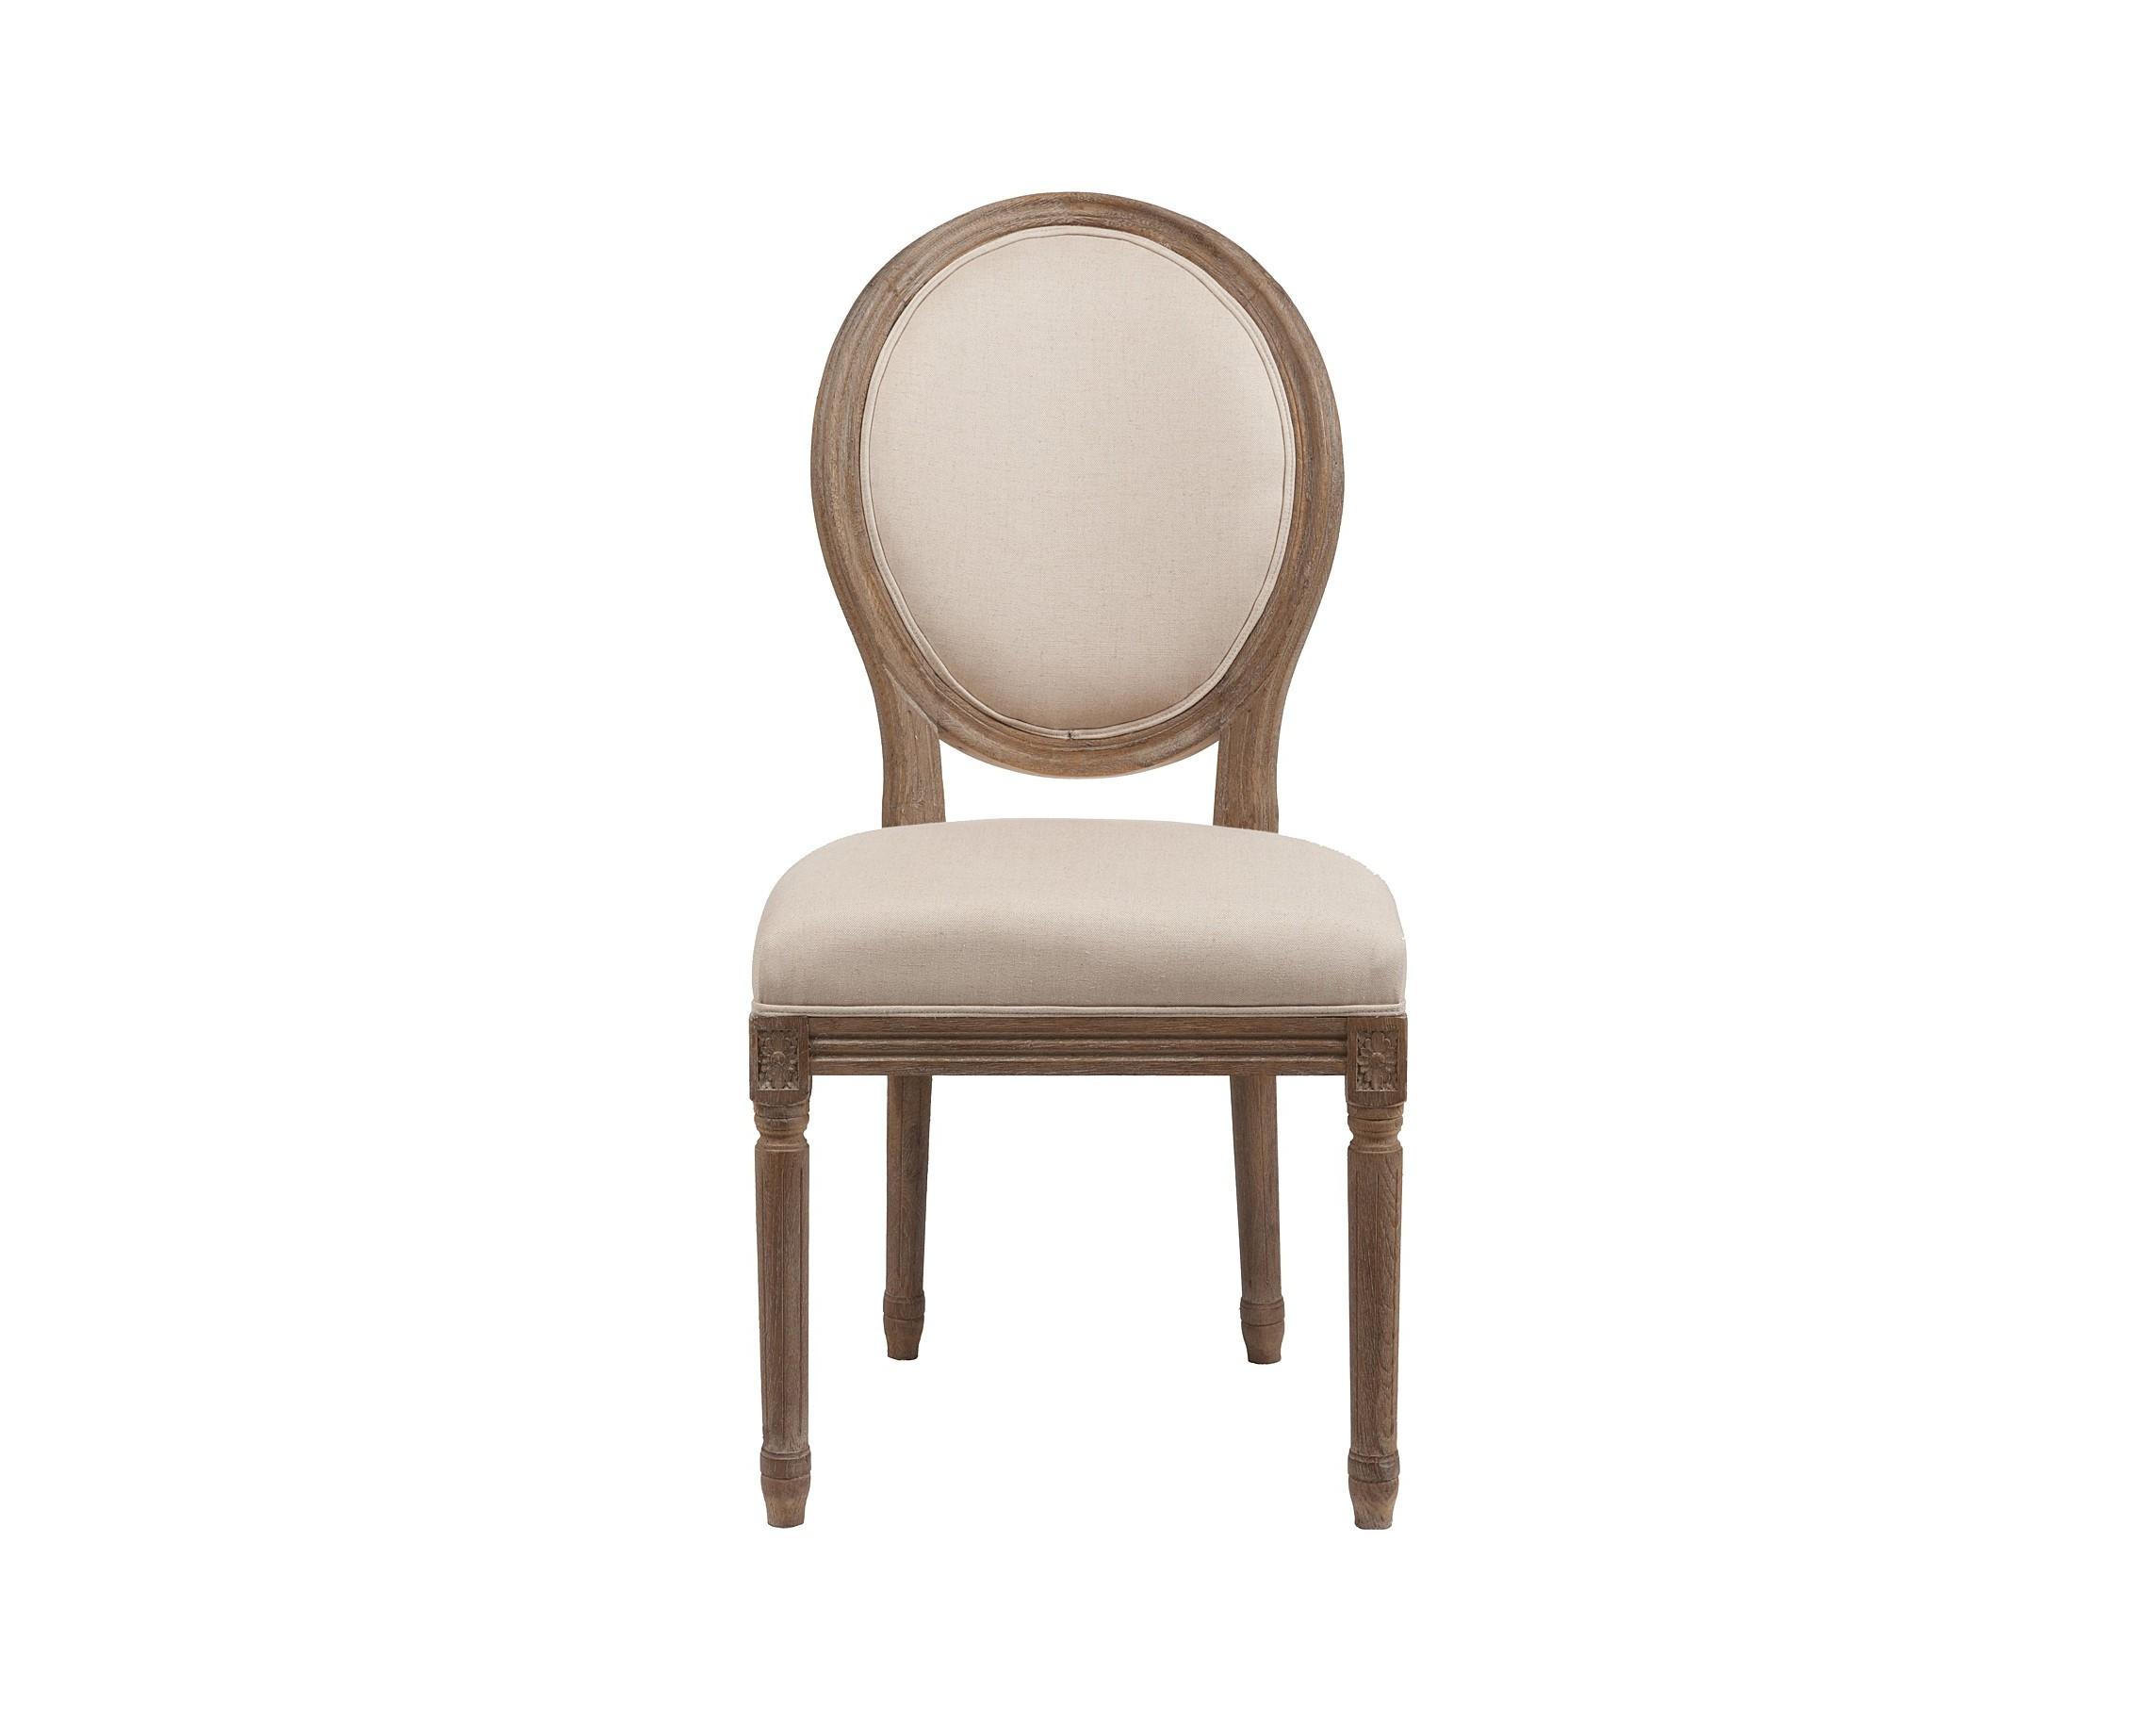 Стул Vintage French RoundОбеденные стулья<br><br><br>Material: Лен<br>Width см: 51<br>Depth см: 61<br>Height см: 102